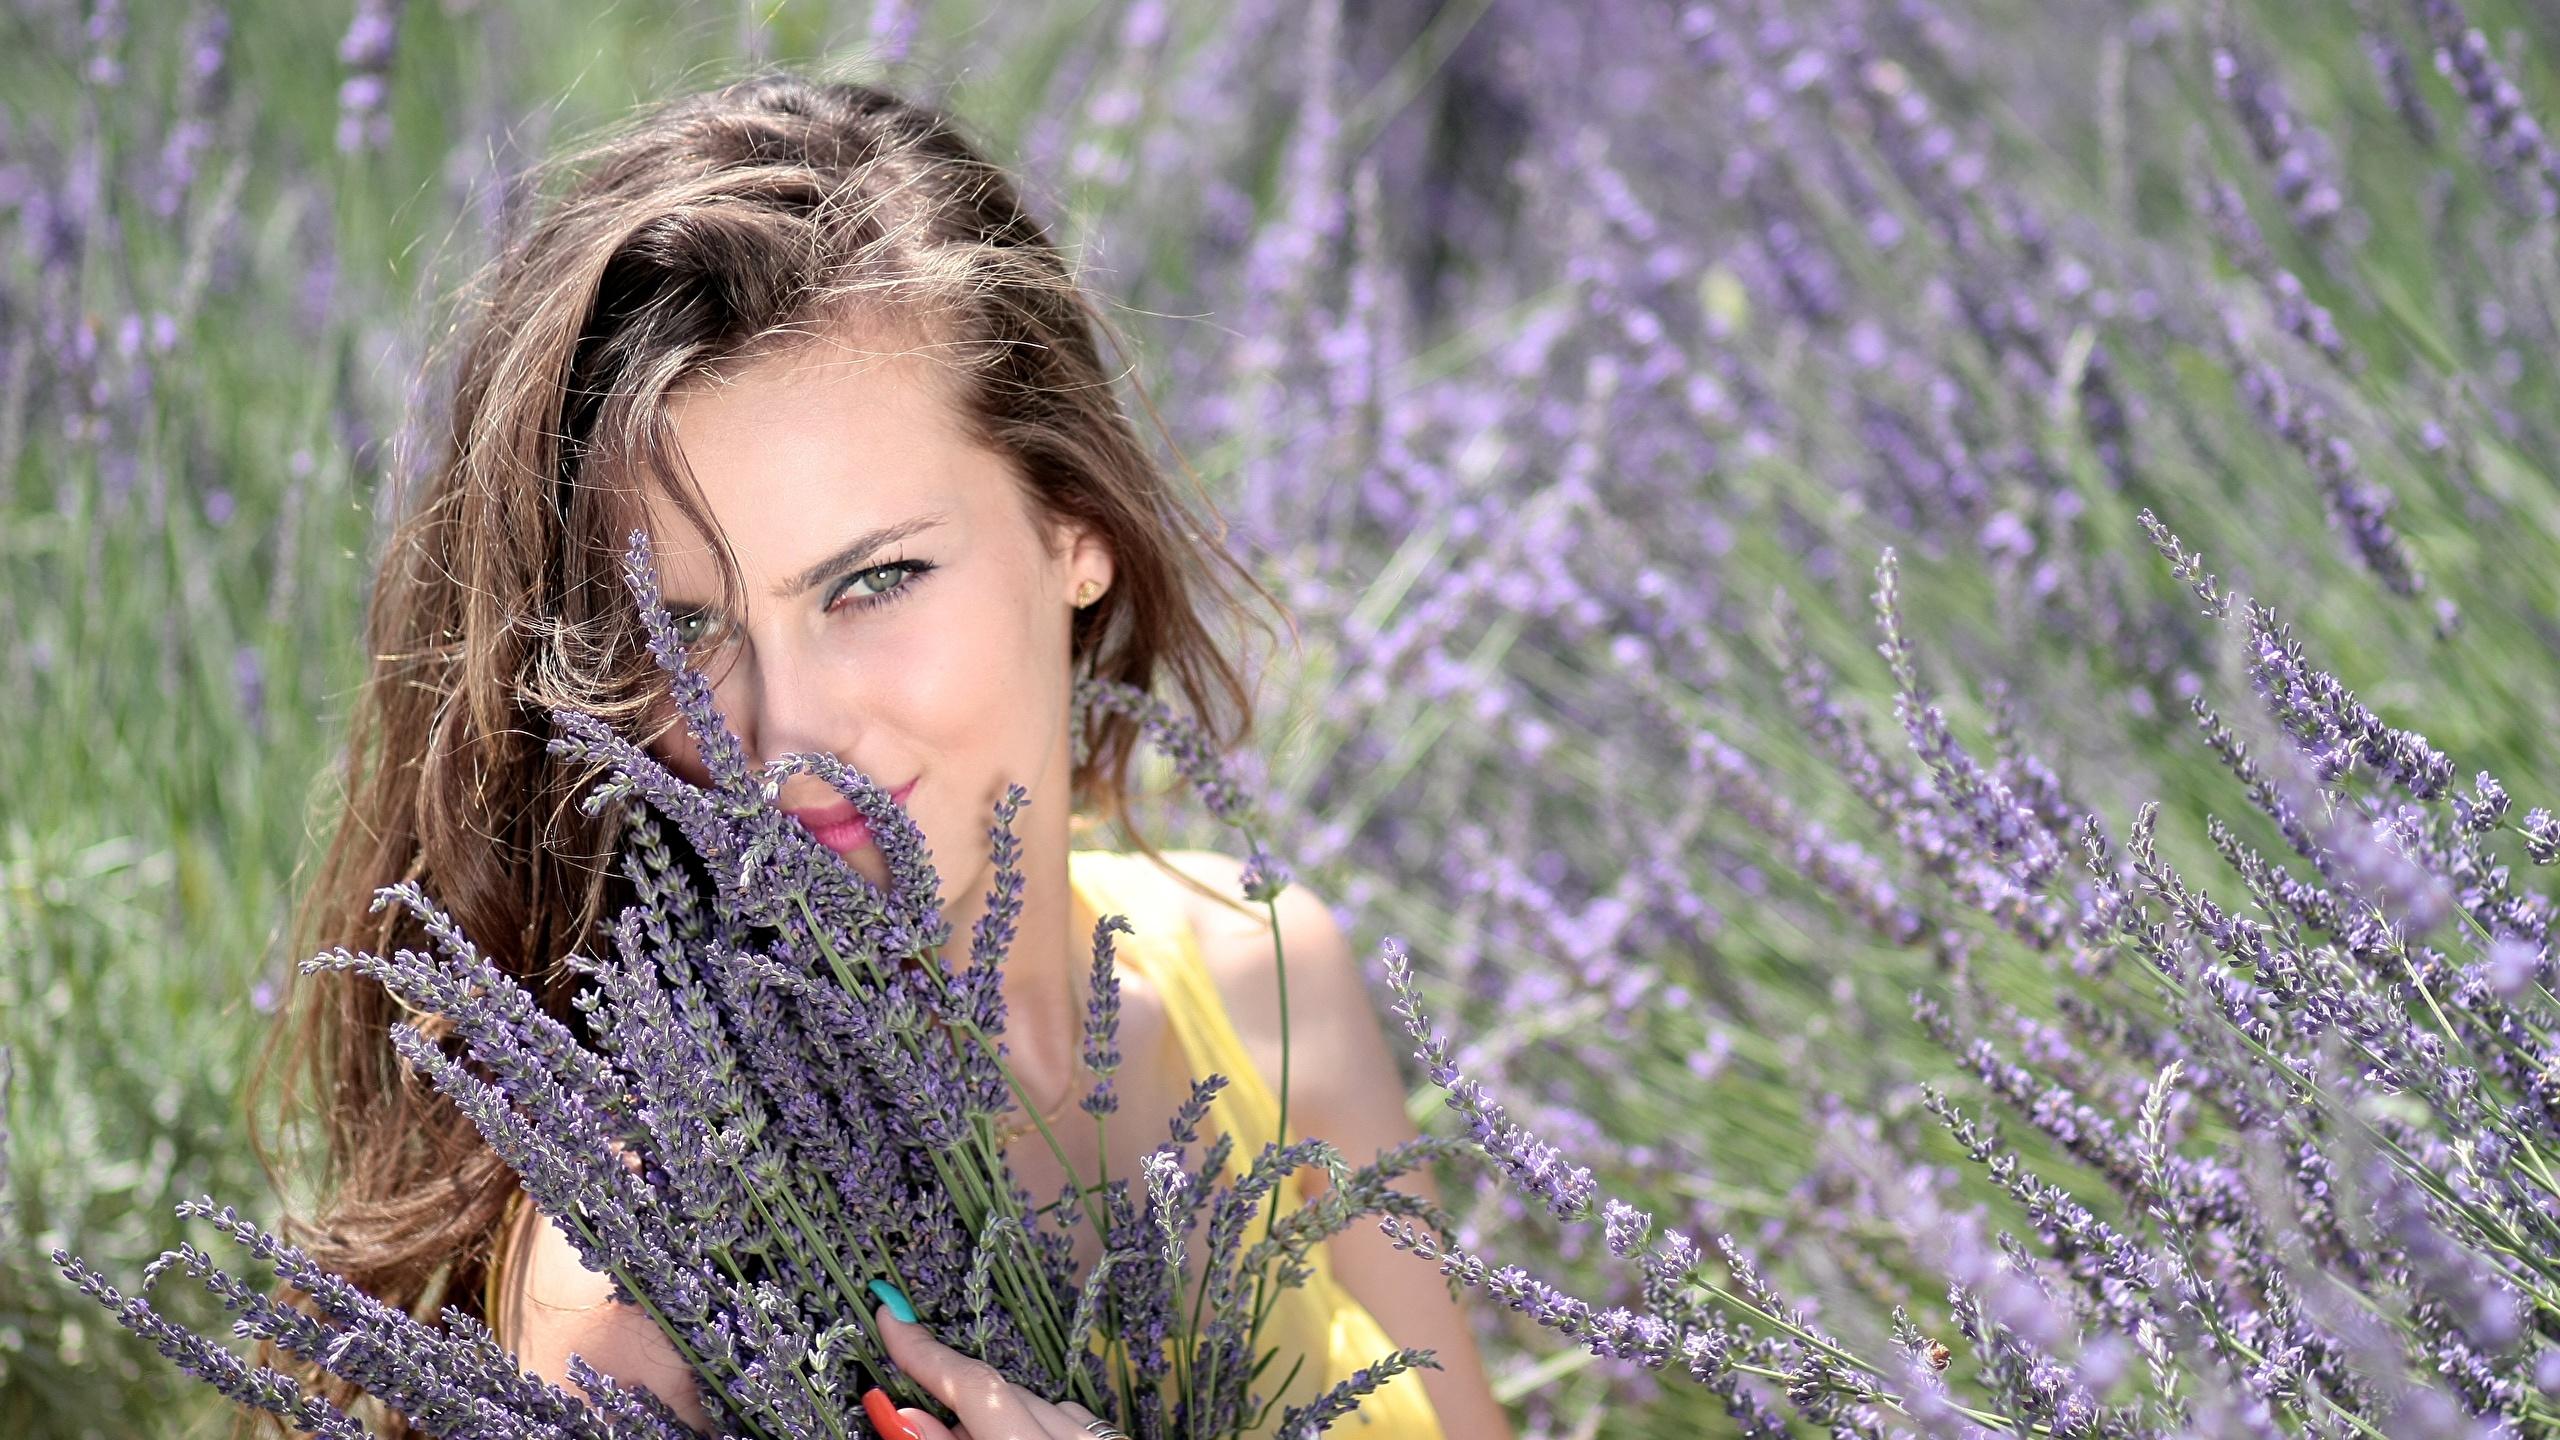 Фото Шатенка маникюра Улыбка красивый Девушки Лаванда Взгляд 2560x1440 шатенки Маникюр улыбается Красивые красивая девушка молодые женщины молодая женщина смотрят смотрит